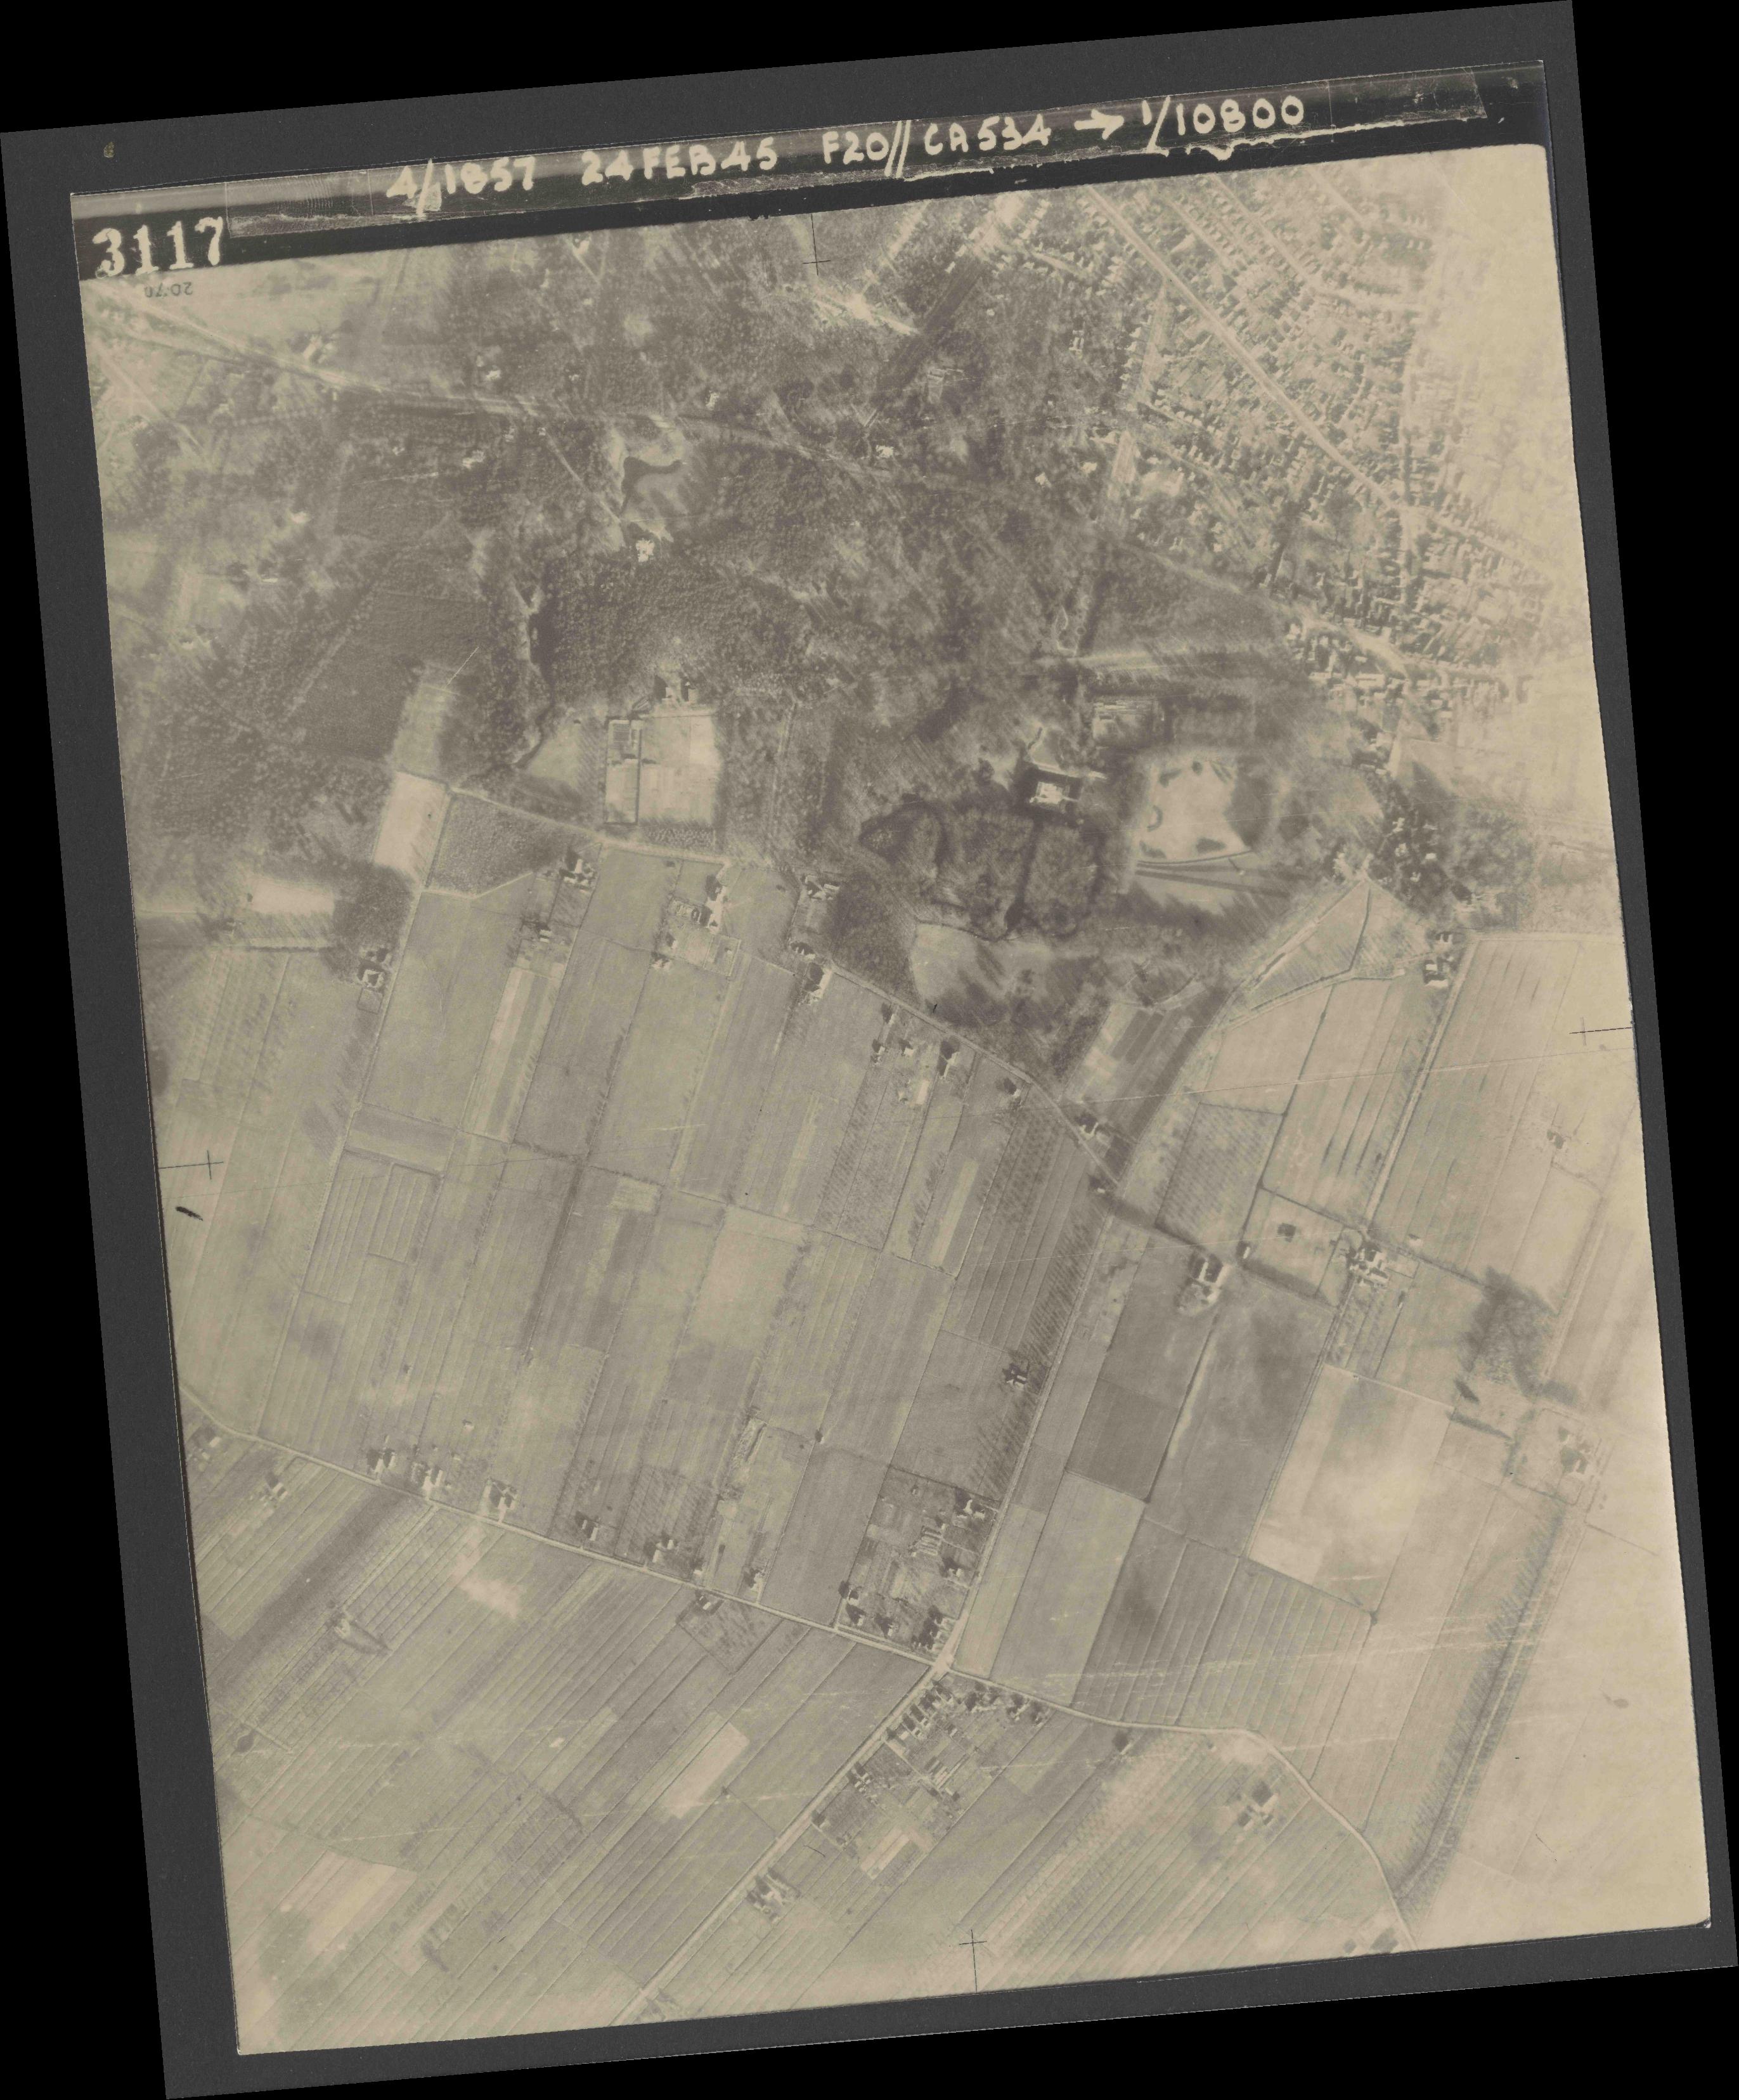 Collection RAF aerial photos 1940-1945 - flight 073, run 02, photo 3117